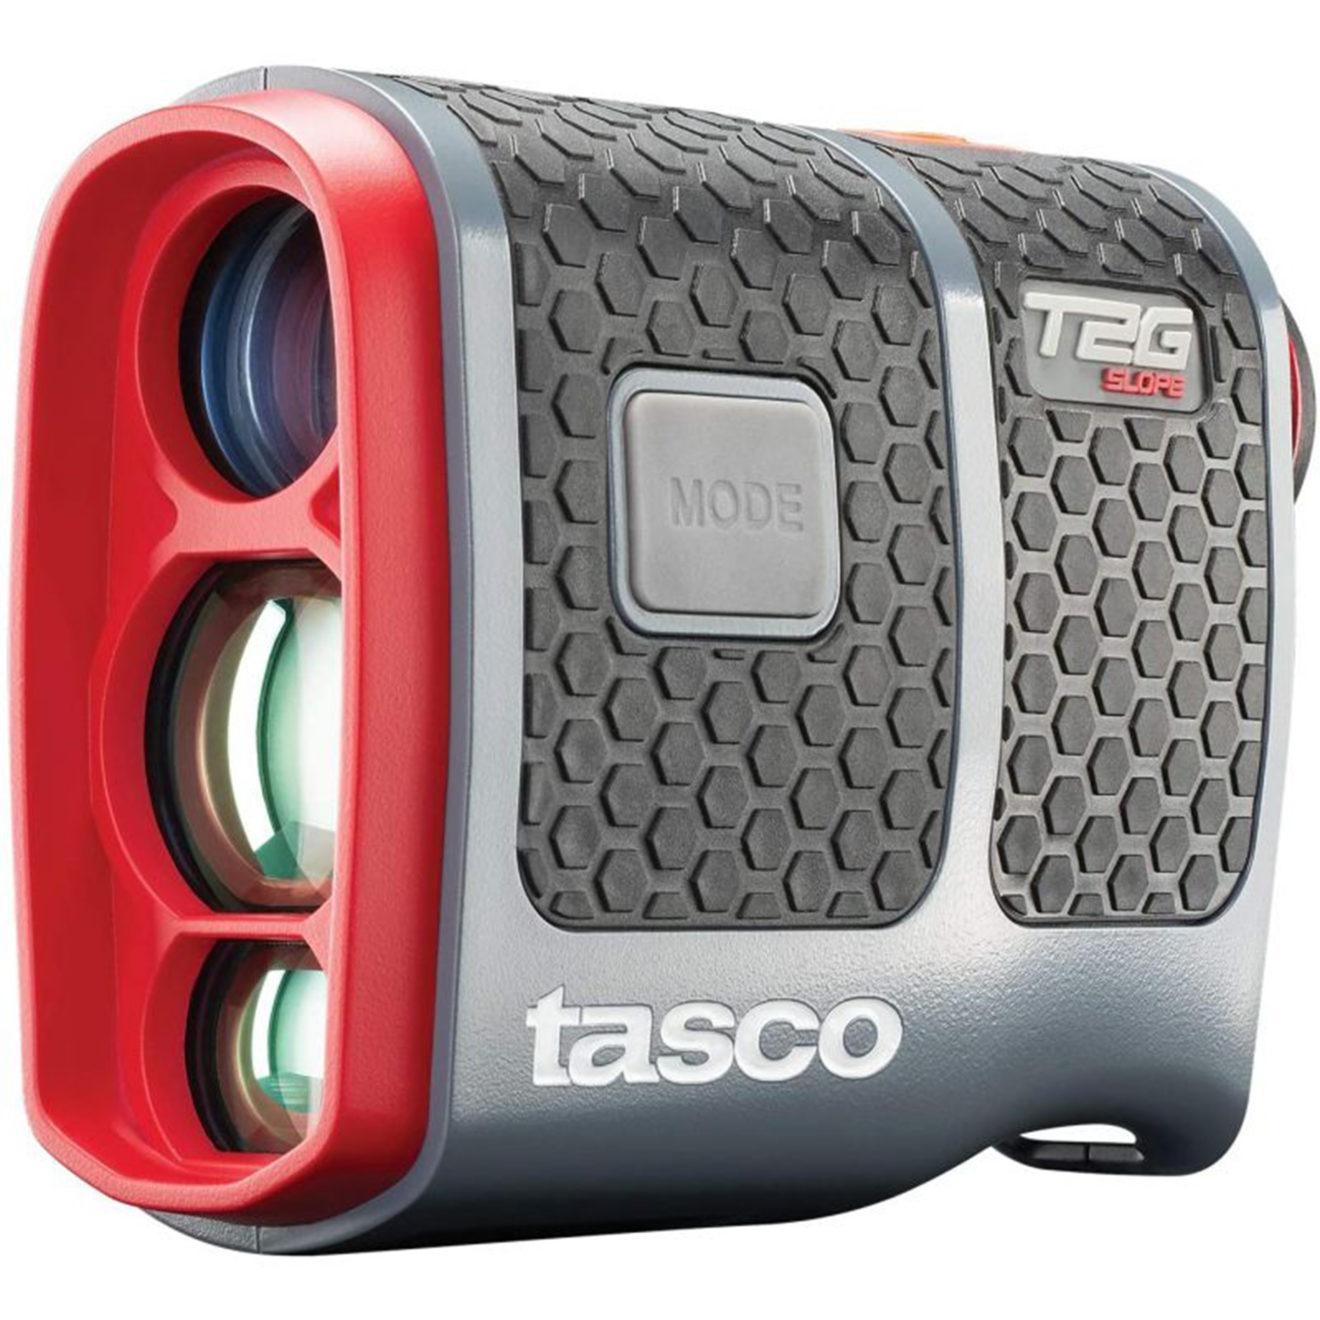 tasco-telemetre-laser-tee-2-green-slope